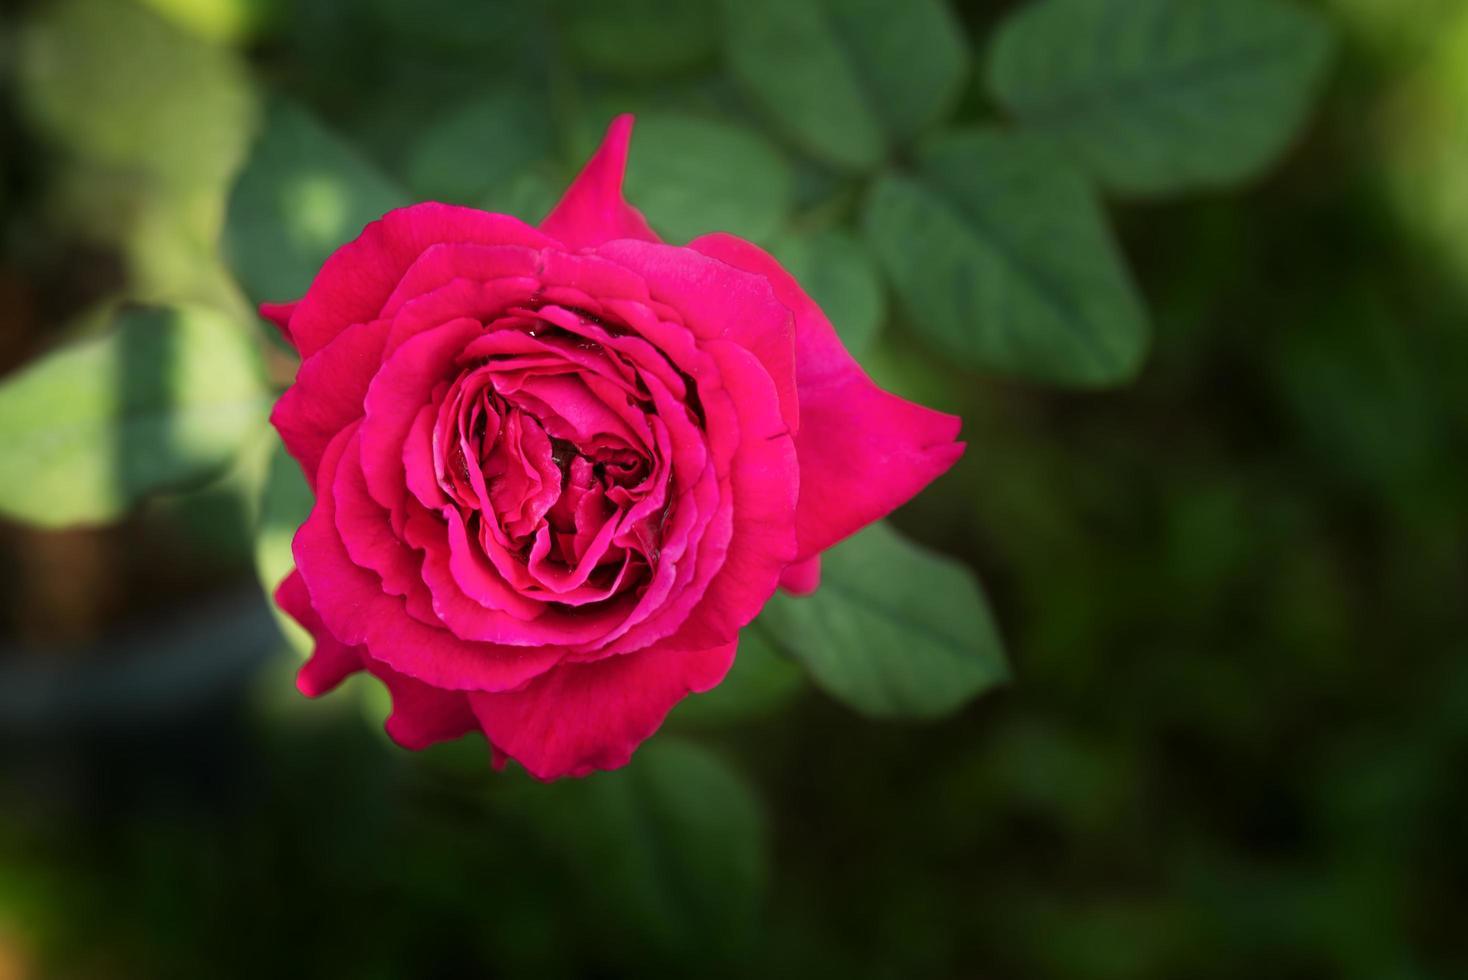 rosa rossa in un giardino foto